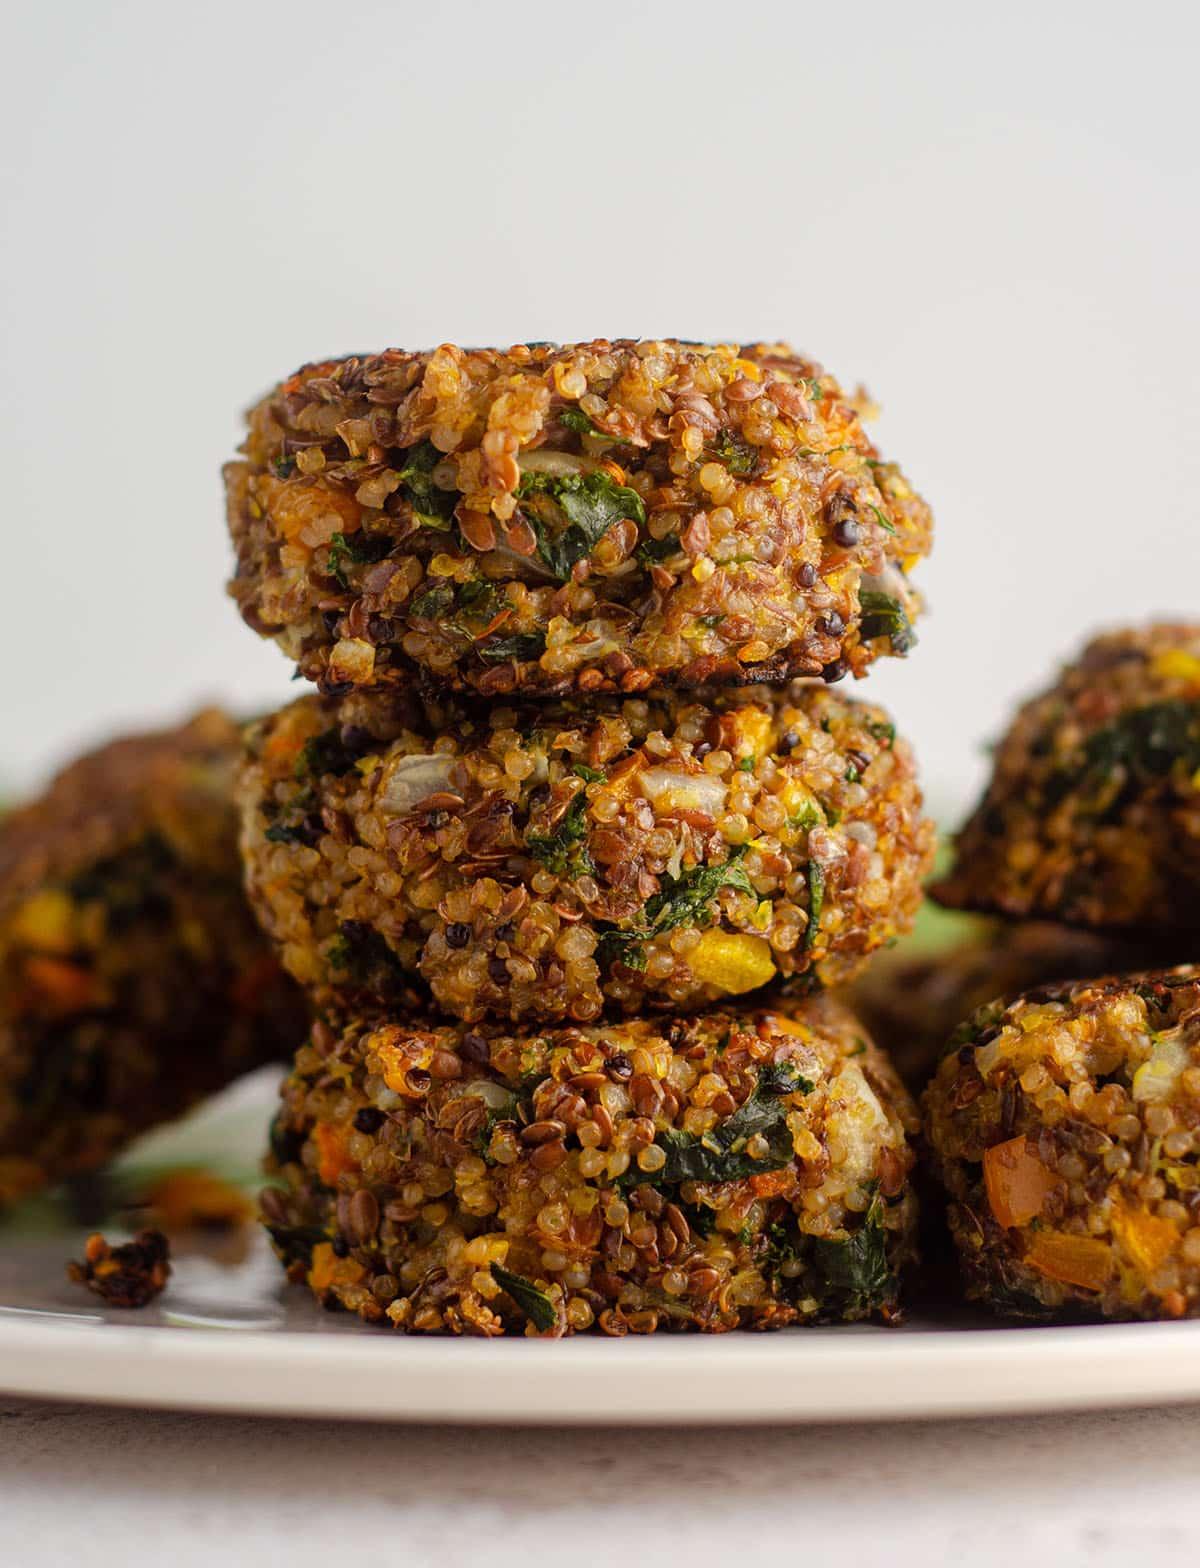 stack of quinoa patties